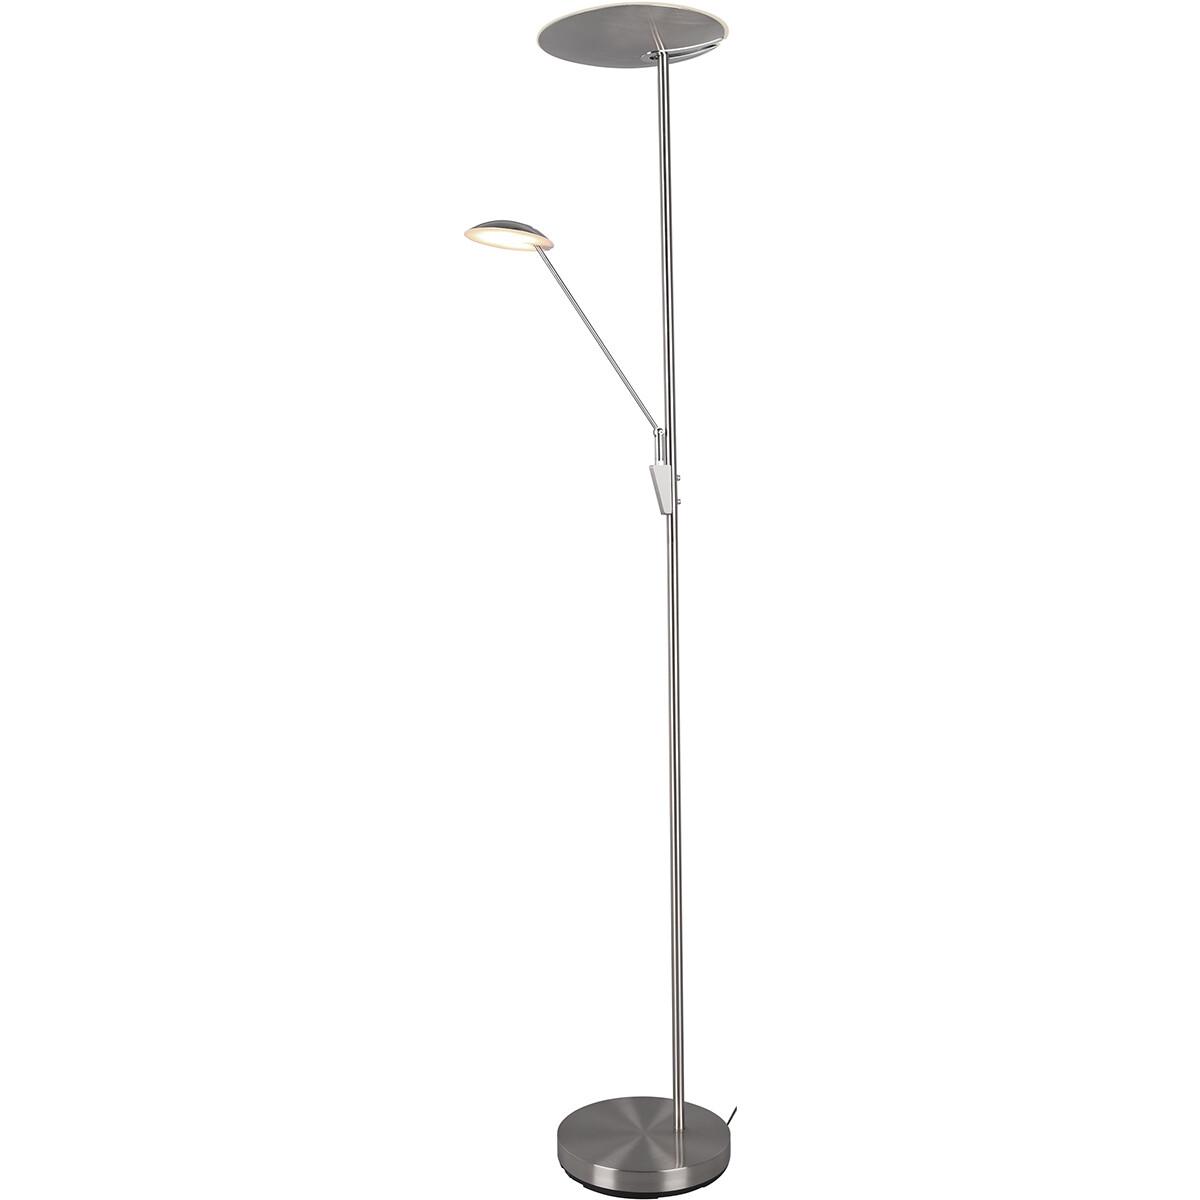 LED Vloerlamp - Trion Eddy - 40W - Aanpasbare Kleur - Rond - Mat Nikkel - Aluminium